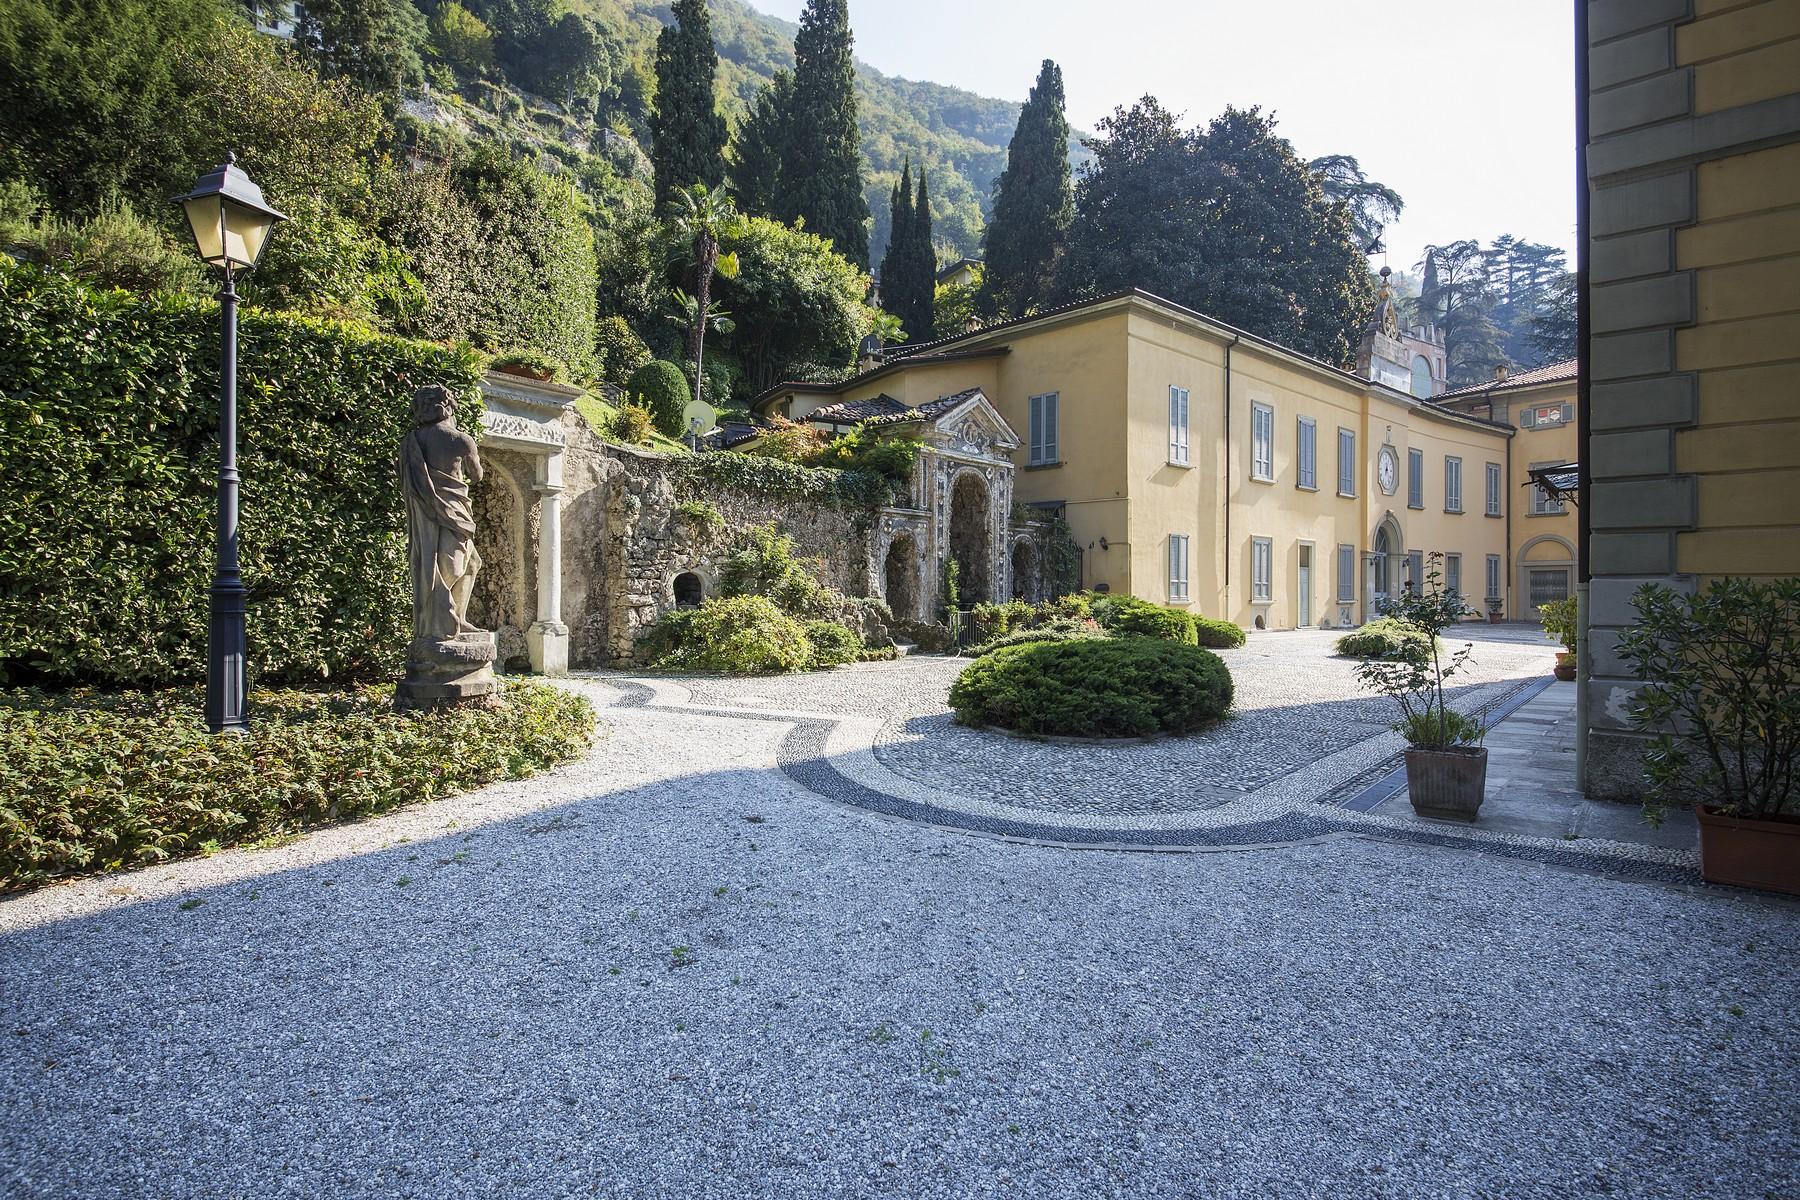 Appartamento in Vendita a Torno: 5 locali, 100 mq - Foto 3